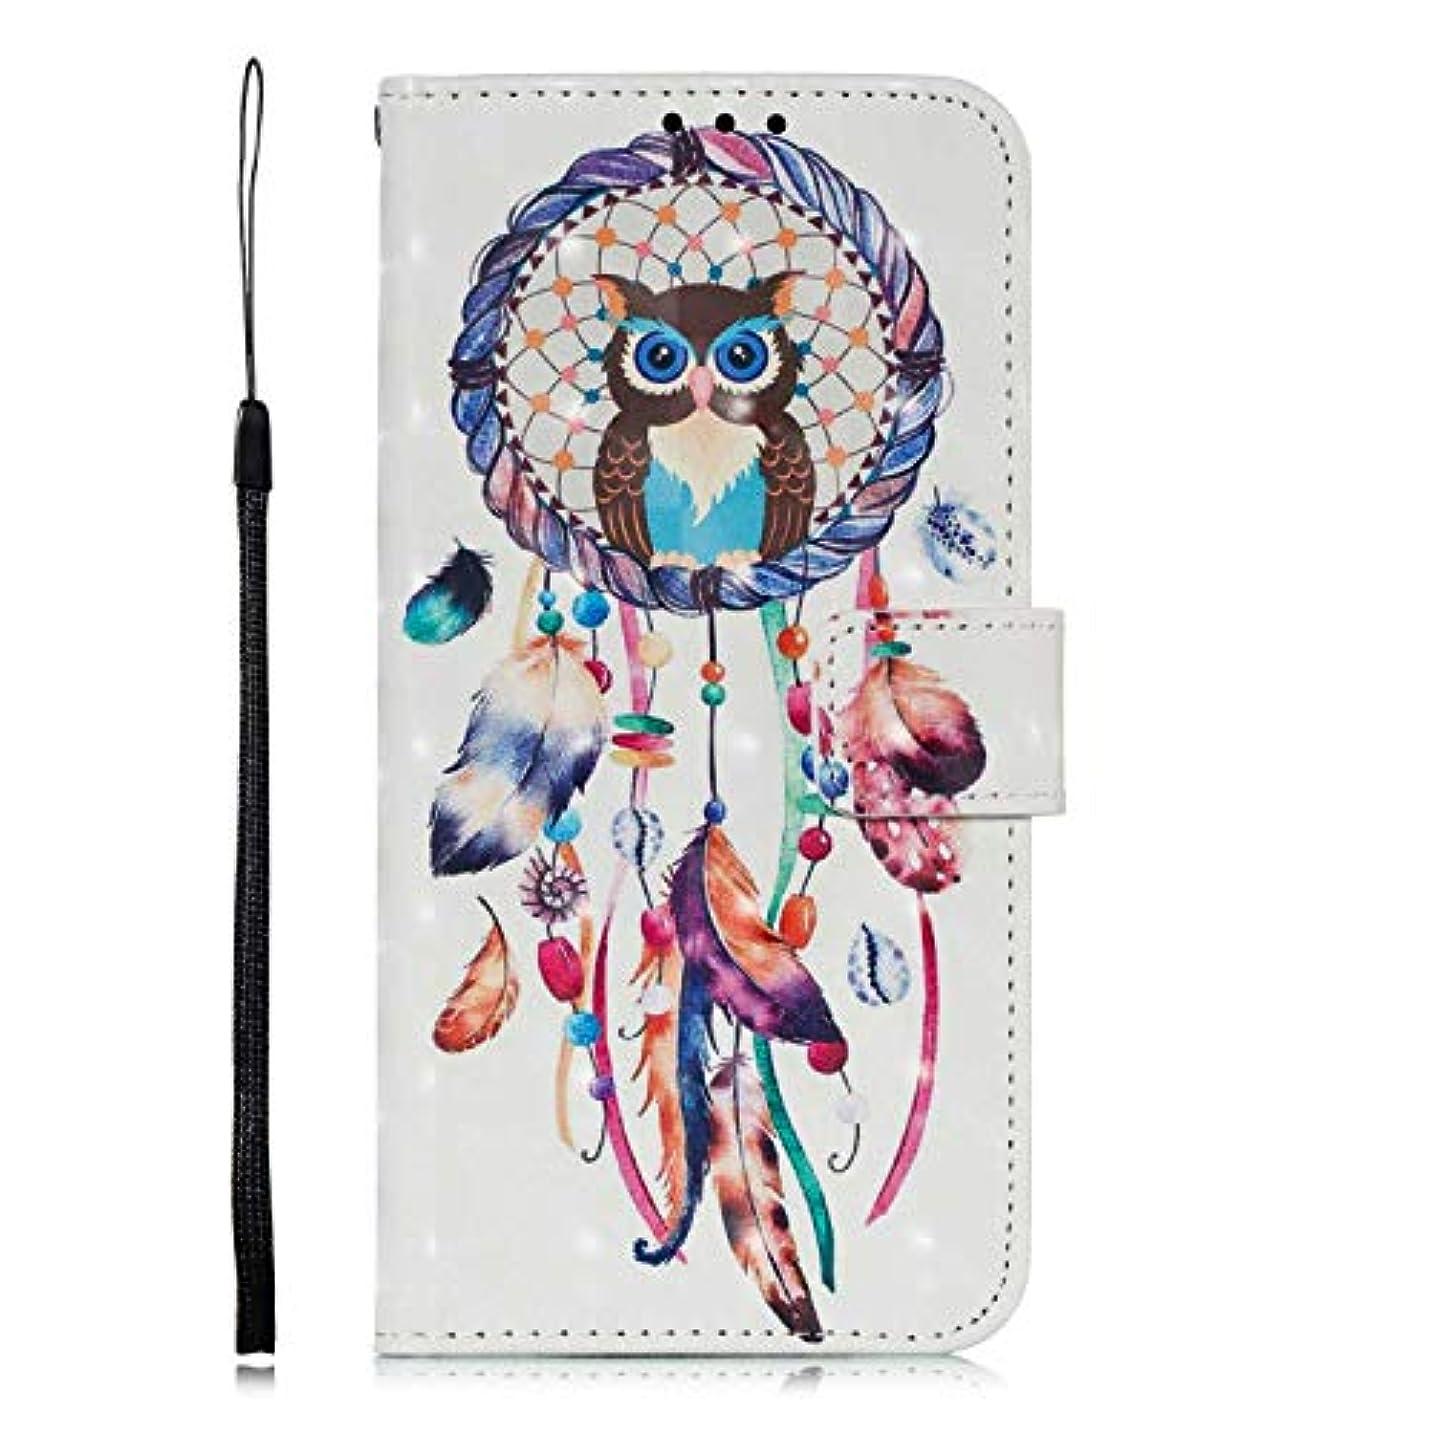 二次変更可能最大OMATENTI Galaxy A8 2018 ケース, ファッション良質 PU レザー 財布型 ケース 薄型 人気 新製品 衝撃吸収 全面保護 スマホケース, 付きスタンド機能, カードホルダー機能 ストラップ付き Galaxy...